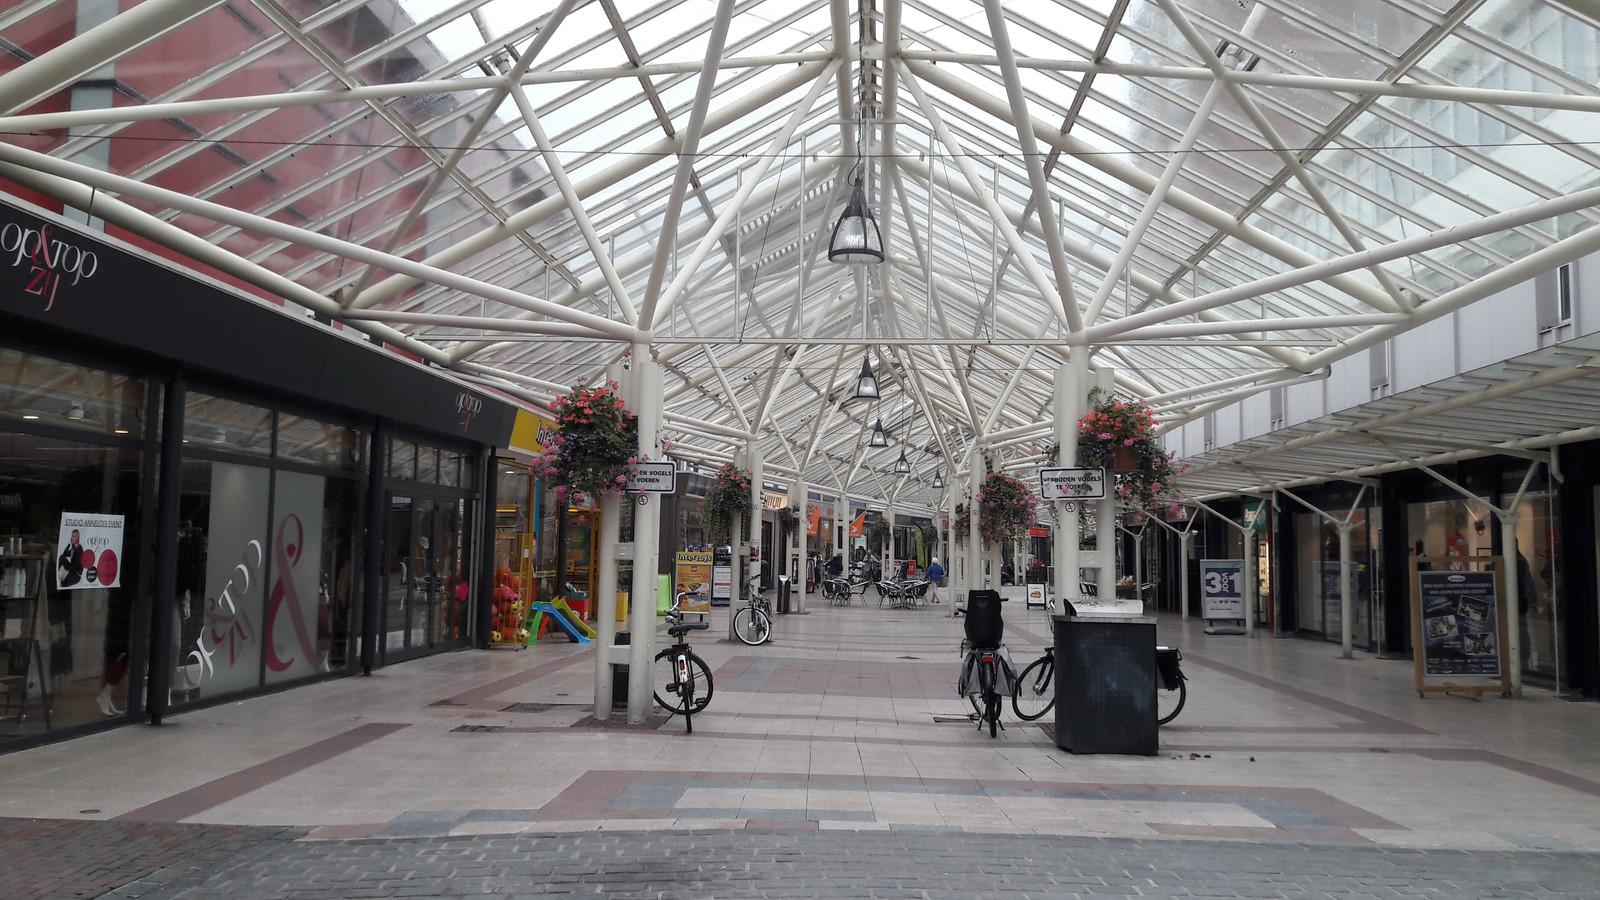 De Vlissingse winkelstraat Lange Zelke wordt door de Nederlandse Voedsel- en Warenautoriteit aangemerkt als overdekt winkelcentrum.